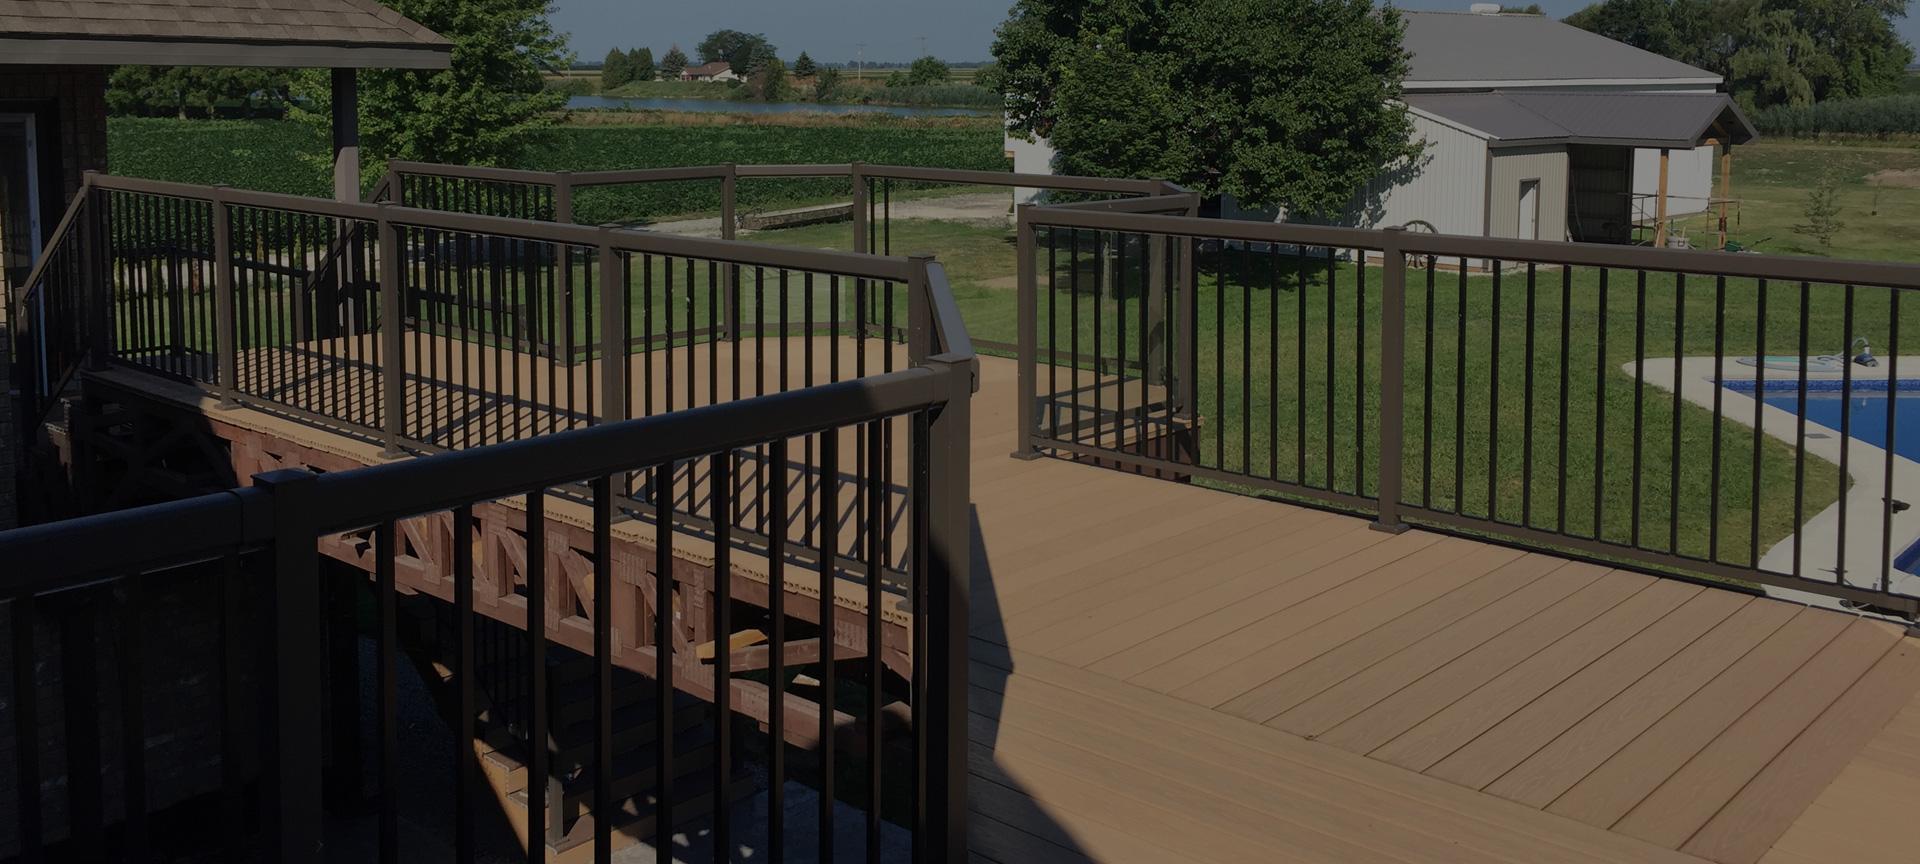 background railing